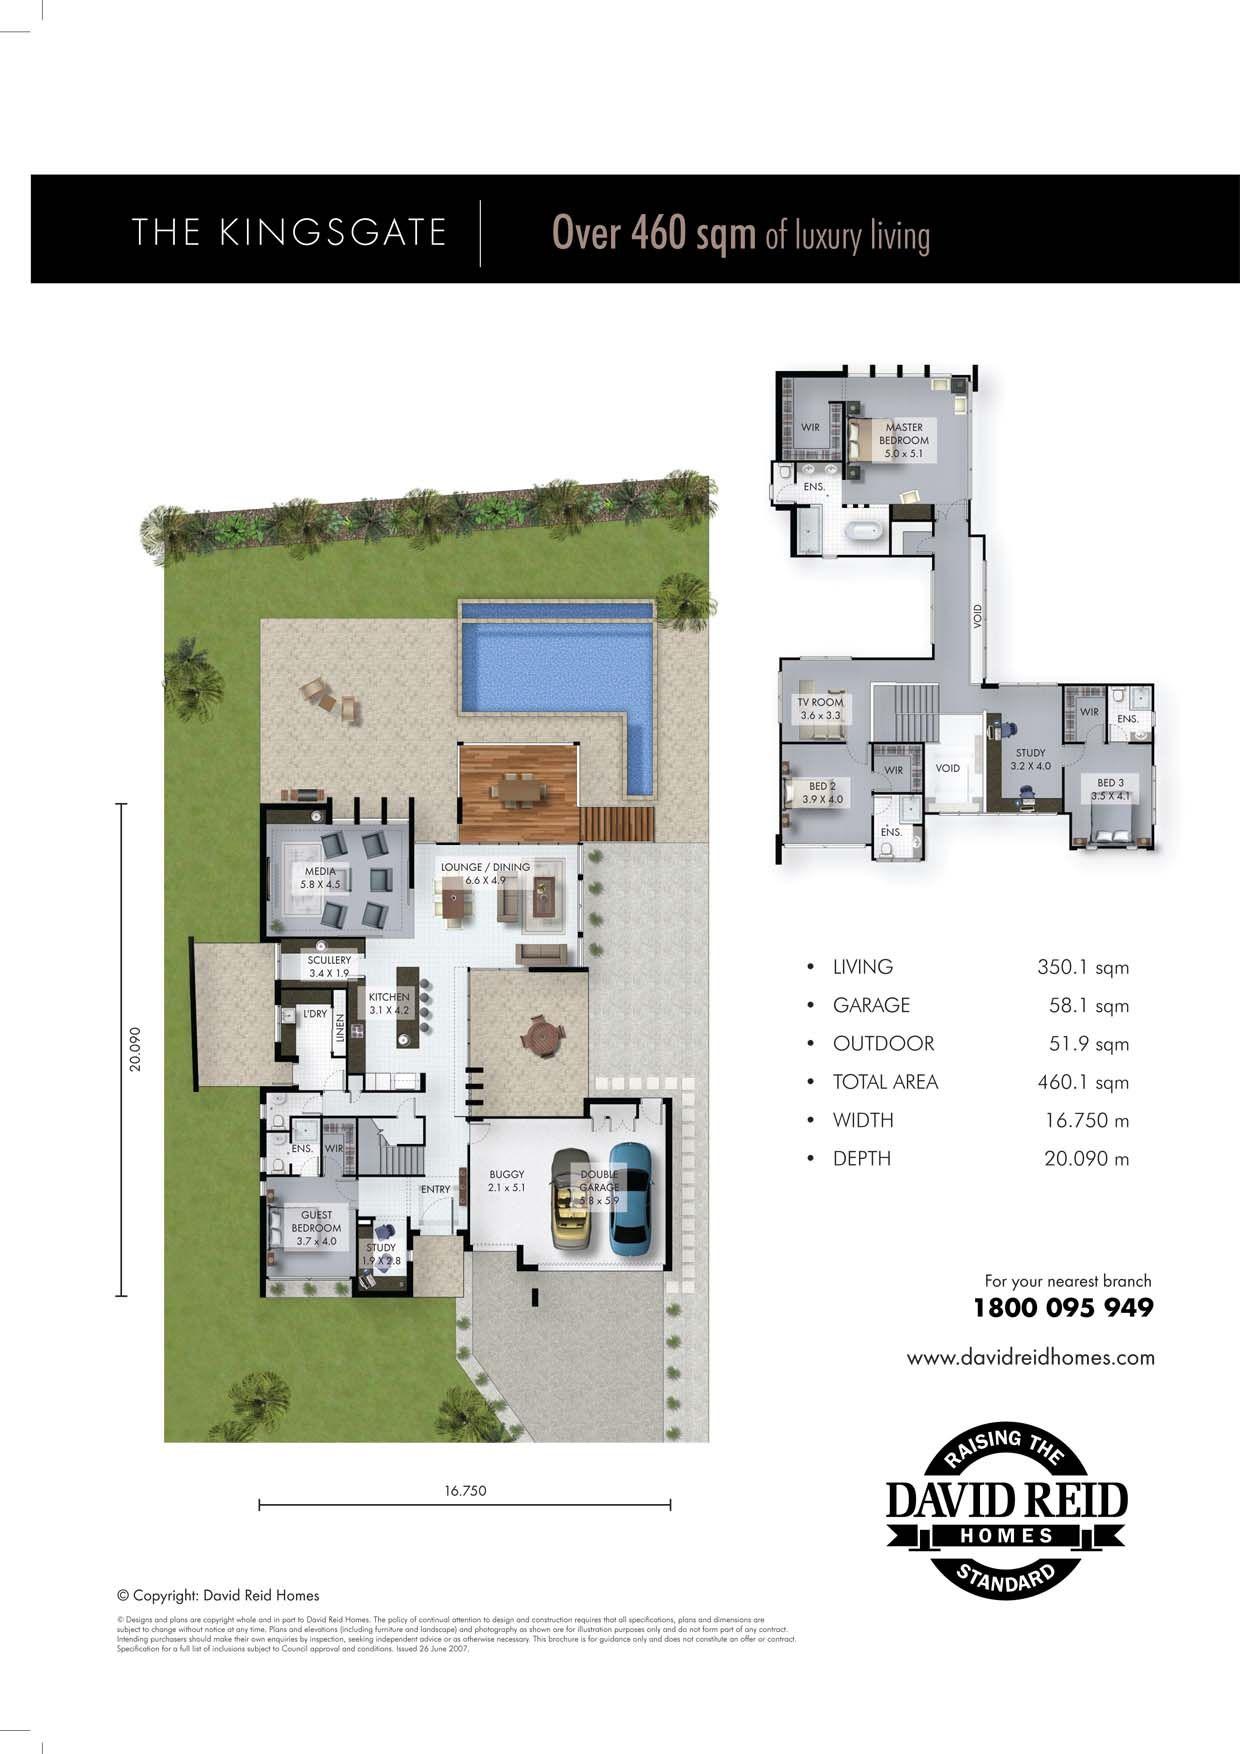 The Kingsgate Floor Plan Concept Range David Reid Homes Australia Luxury Custom Home Builder Floor Plans Concept Home Custom Home Builders